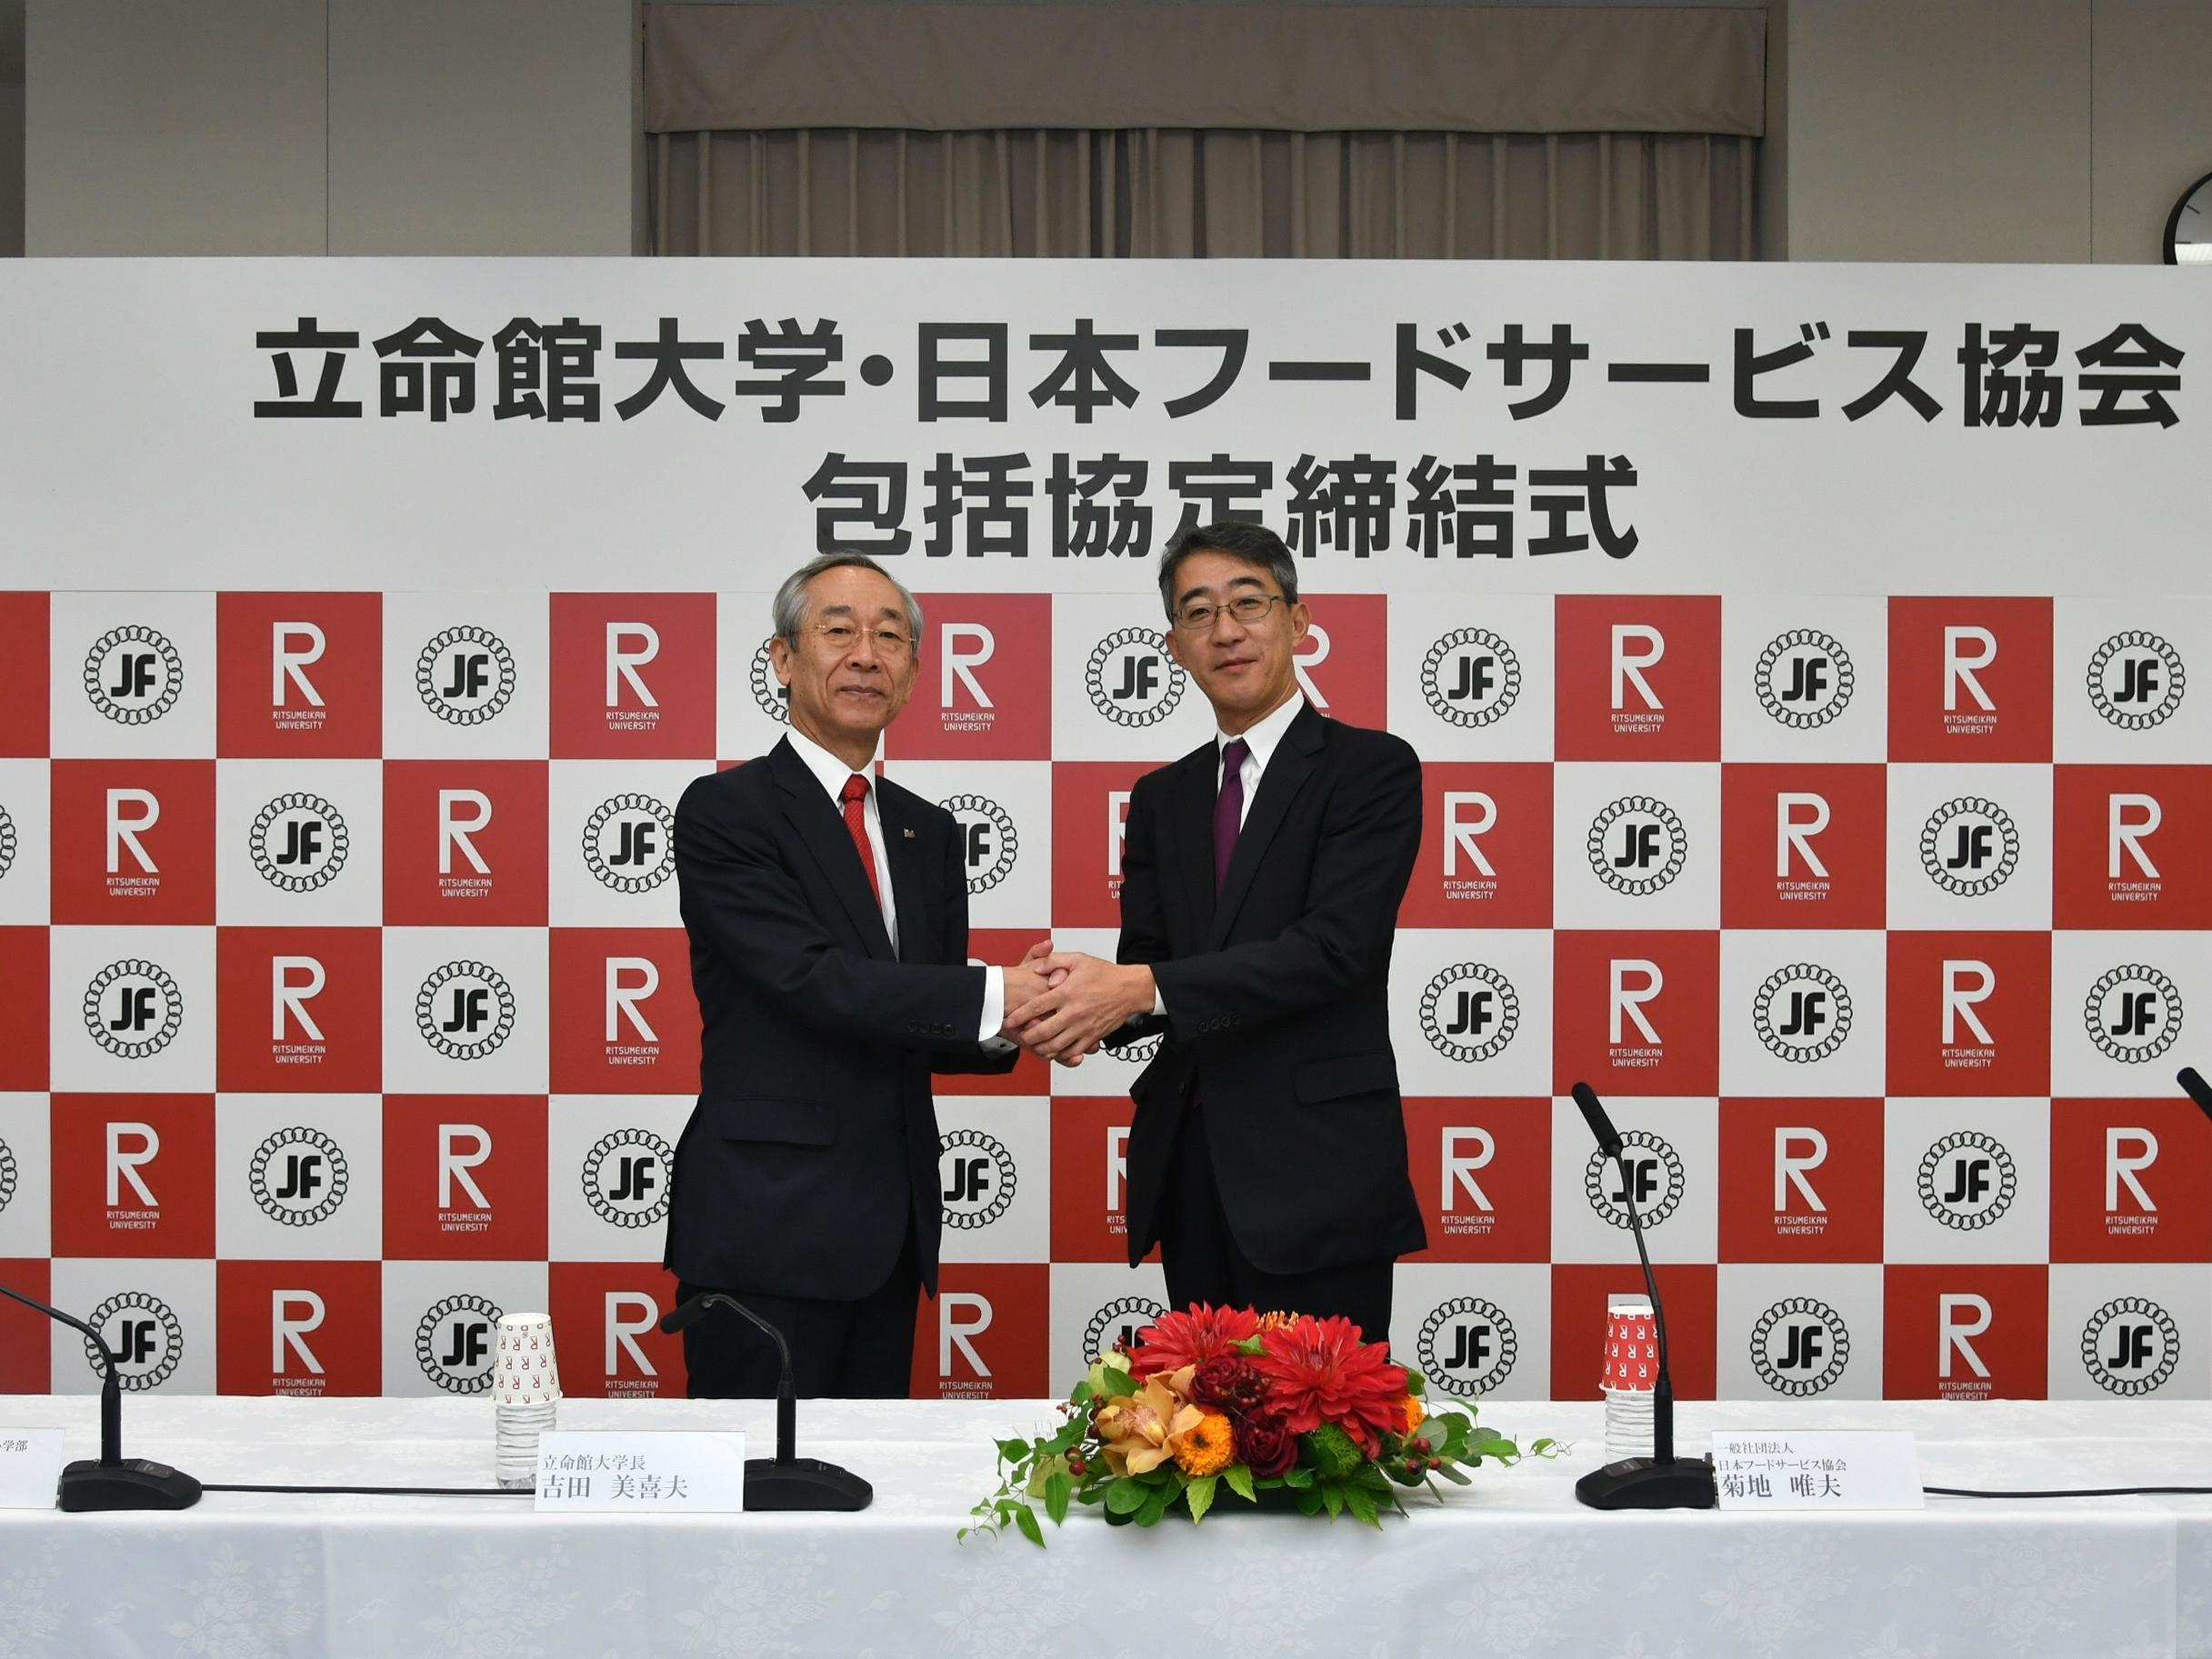 【日本初】立命館大学と日本フードサービス協会が教育プログラム実施のための包括協定を締結~「食マネジメント学部」で食を取り巻く多彩な学びを展開~